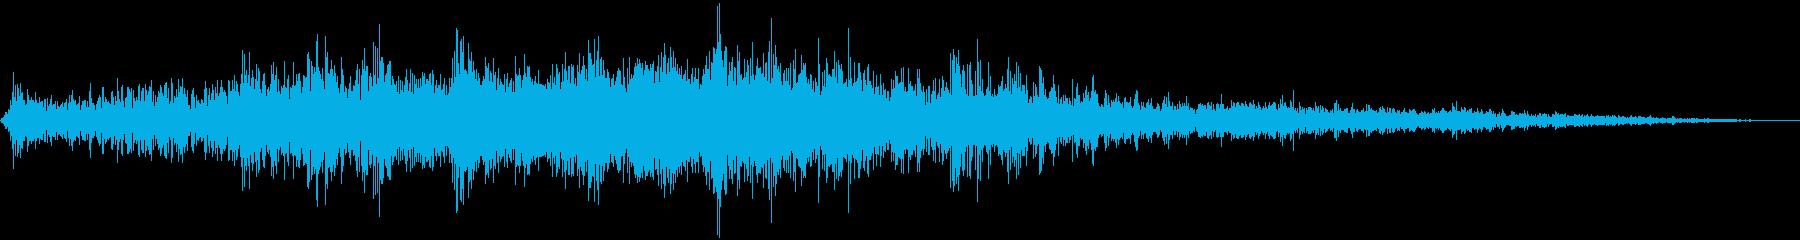 戦闘機上空通過(短め)の再生済みの波形